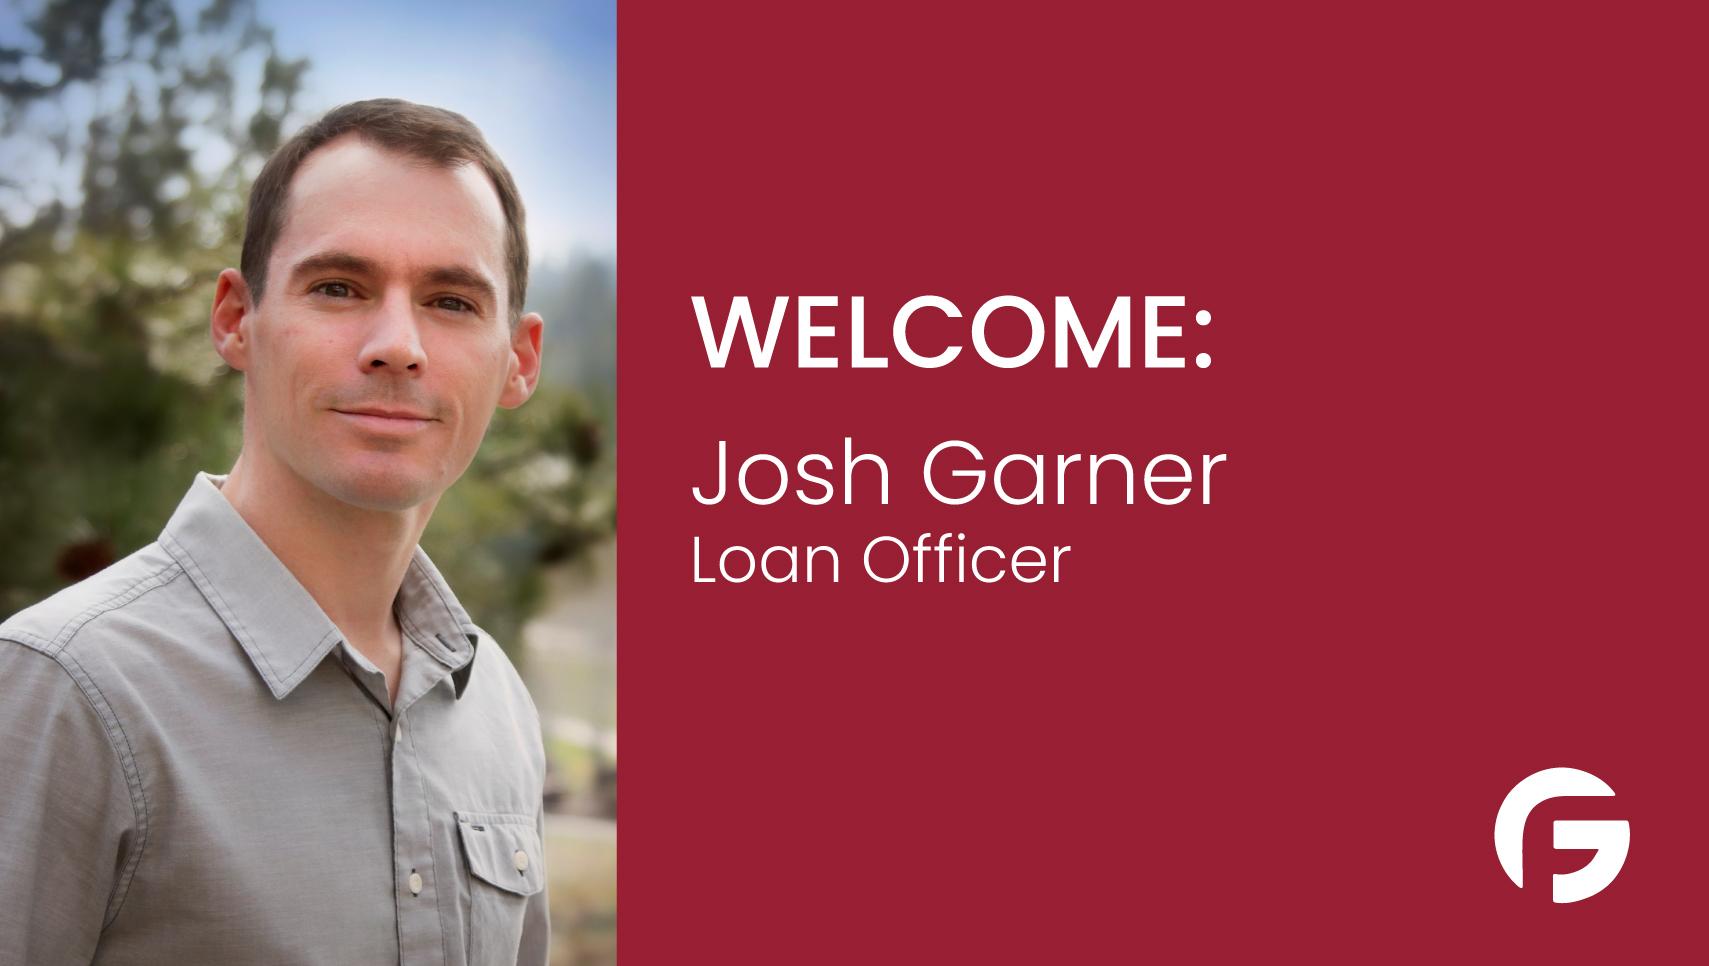 Josh Garner, Loan Officer, serving the state of Oregon